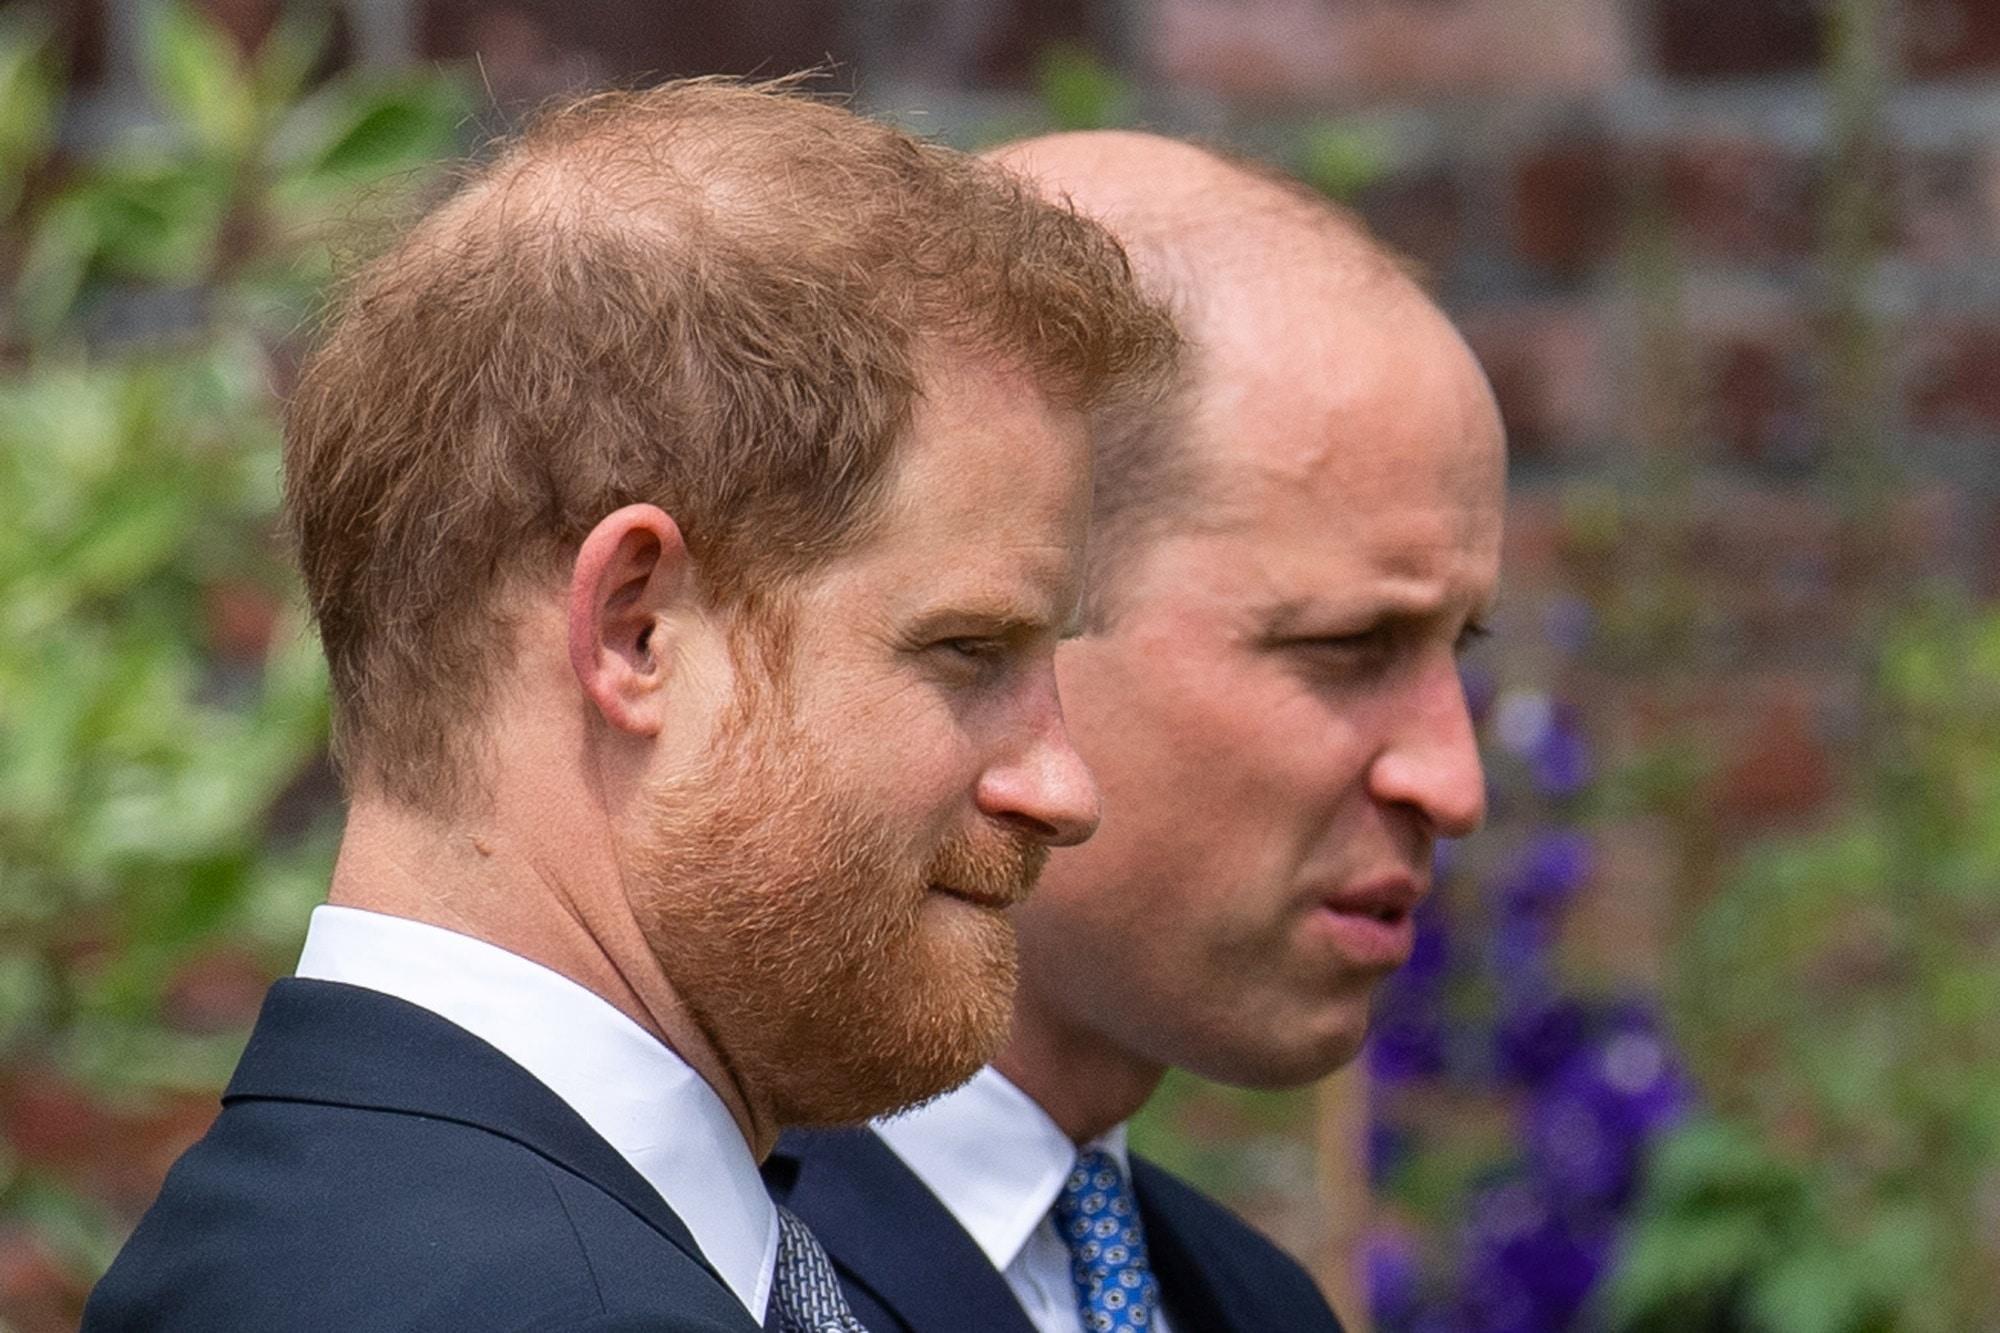 Vévoda z Cambridge a vévoda ze Sussexu